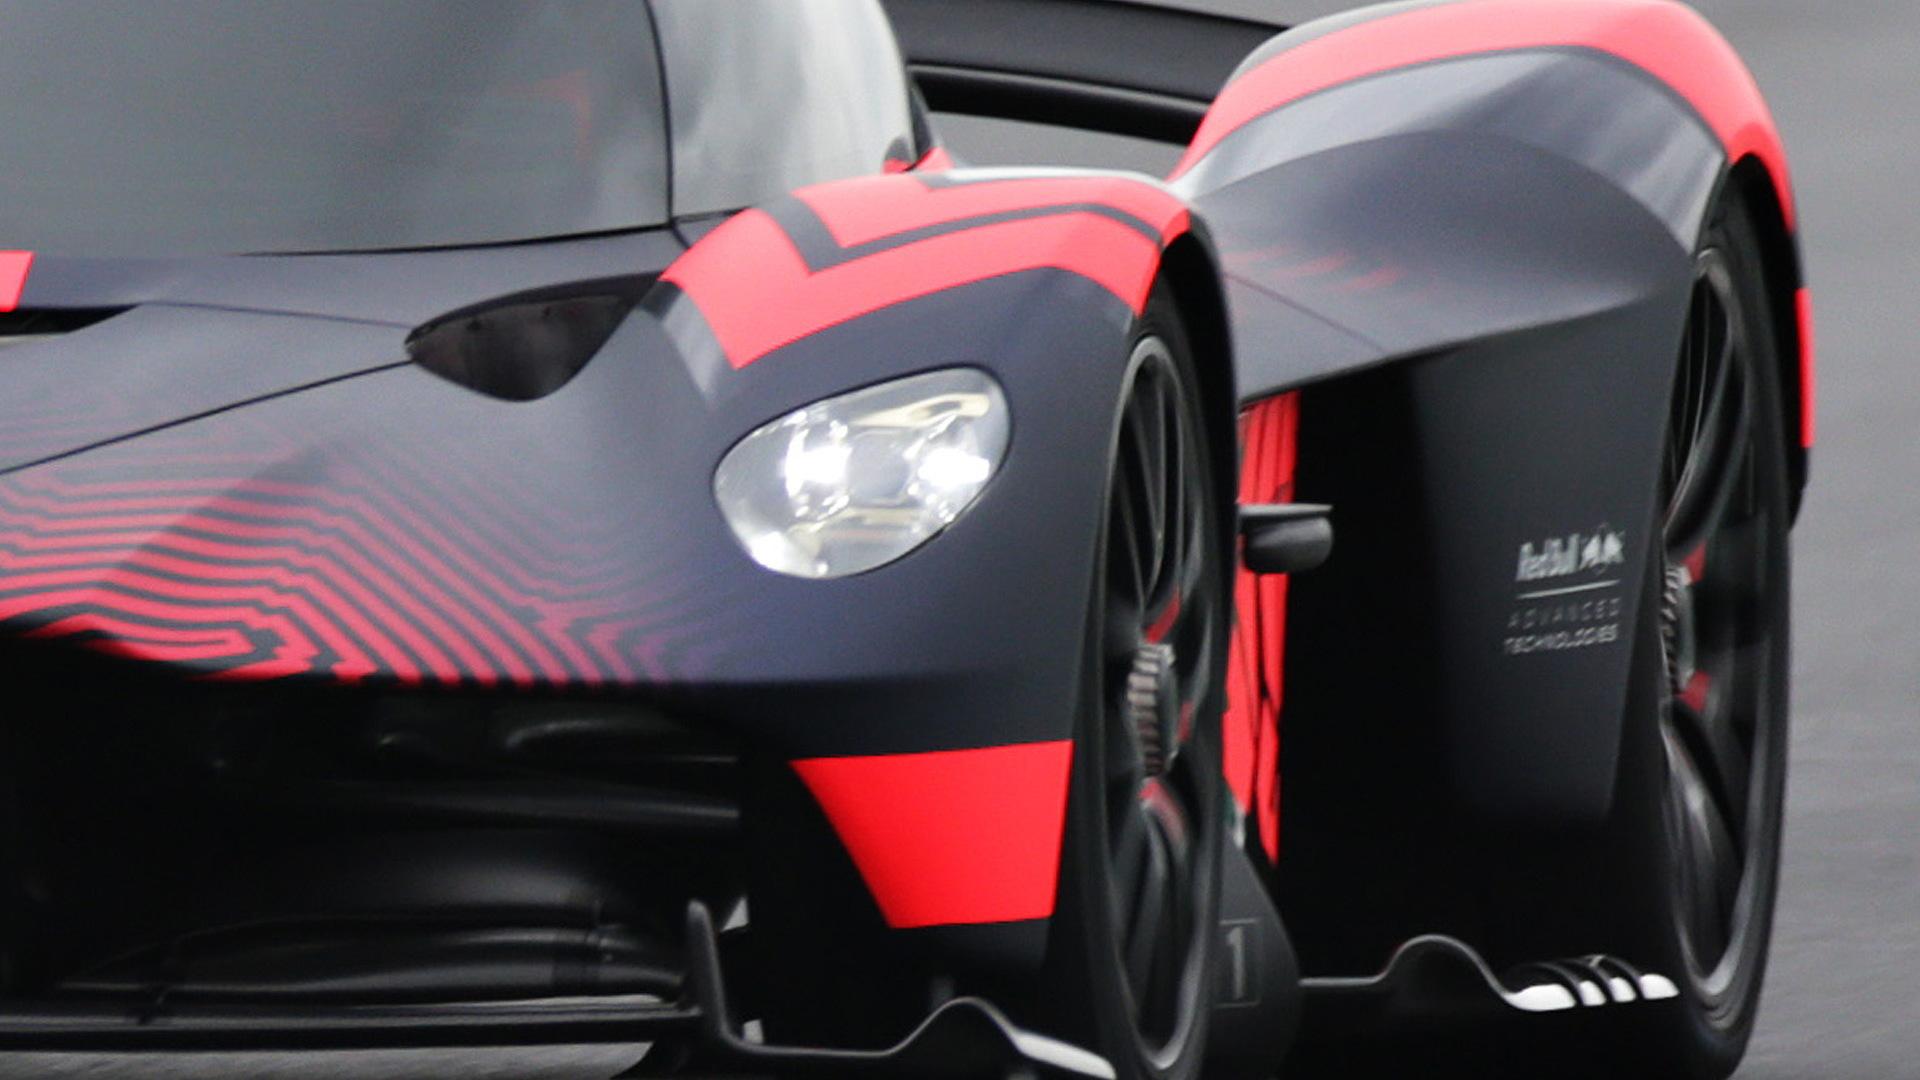 Aston Martin Valkyrie prototype